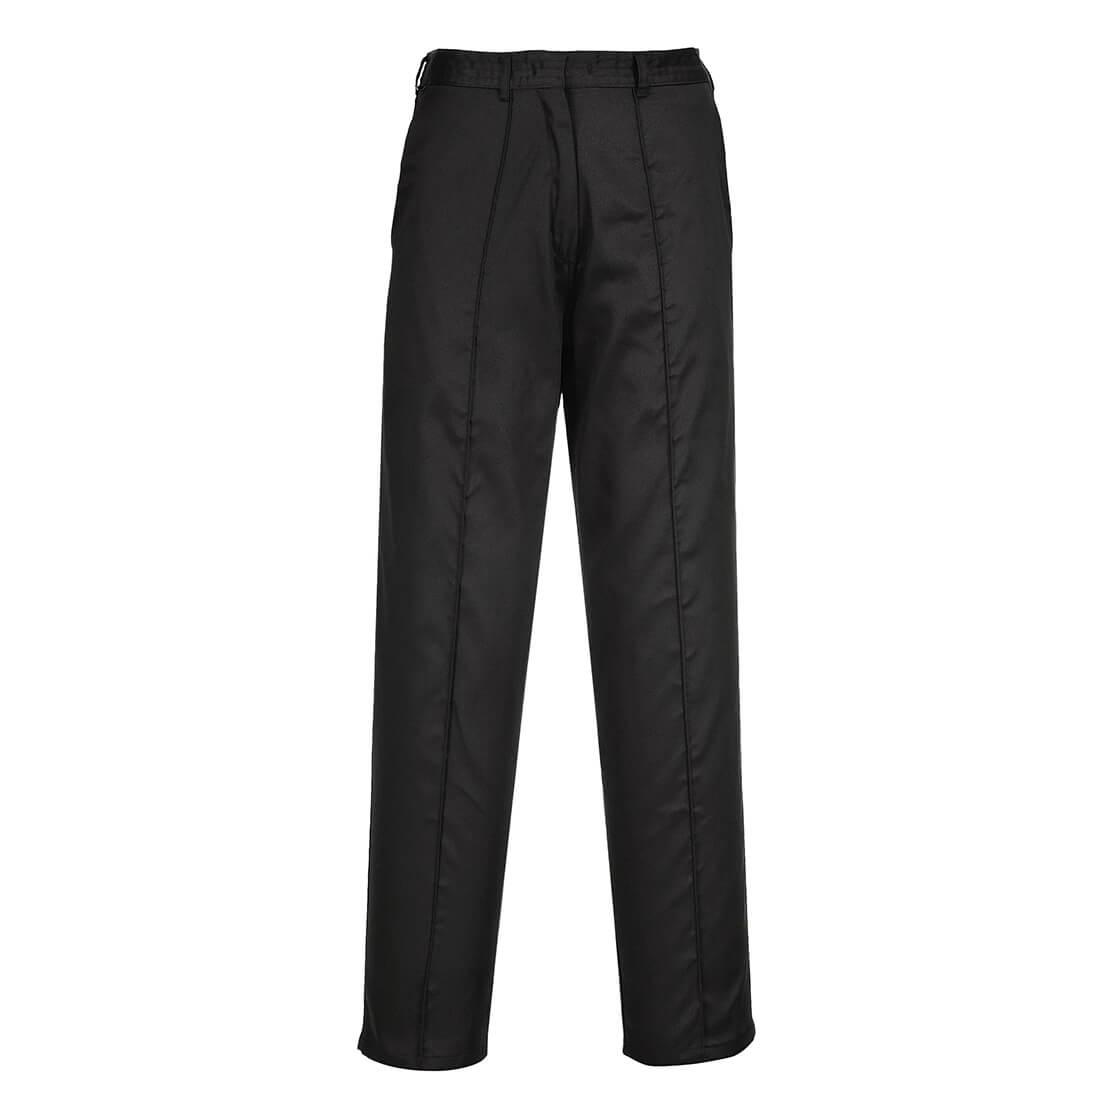 Pantaloni de Dama Elastici - Imbracaminte de protectie